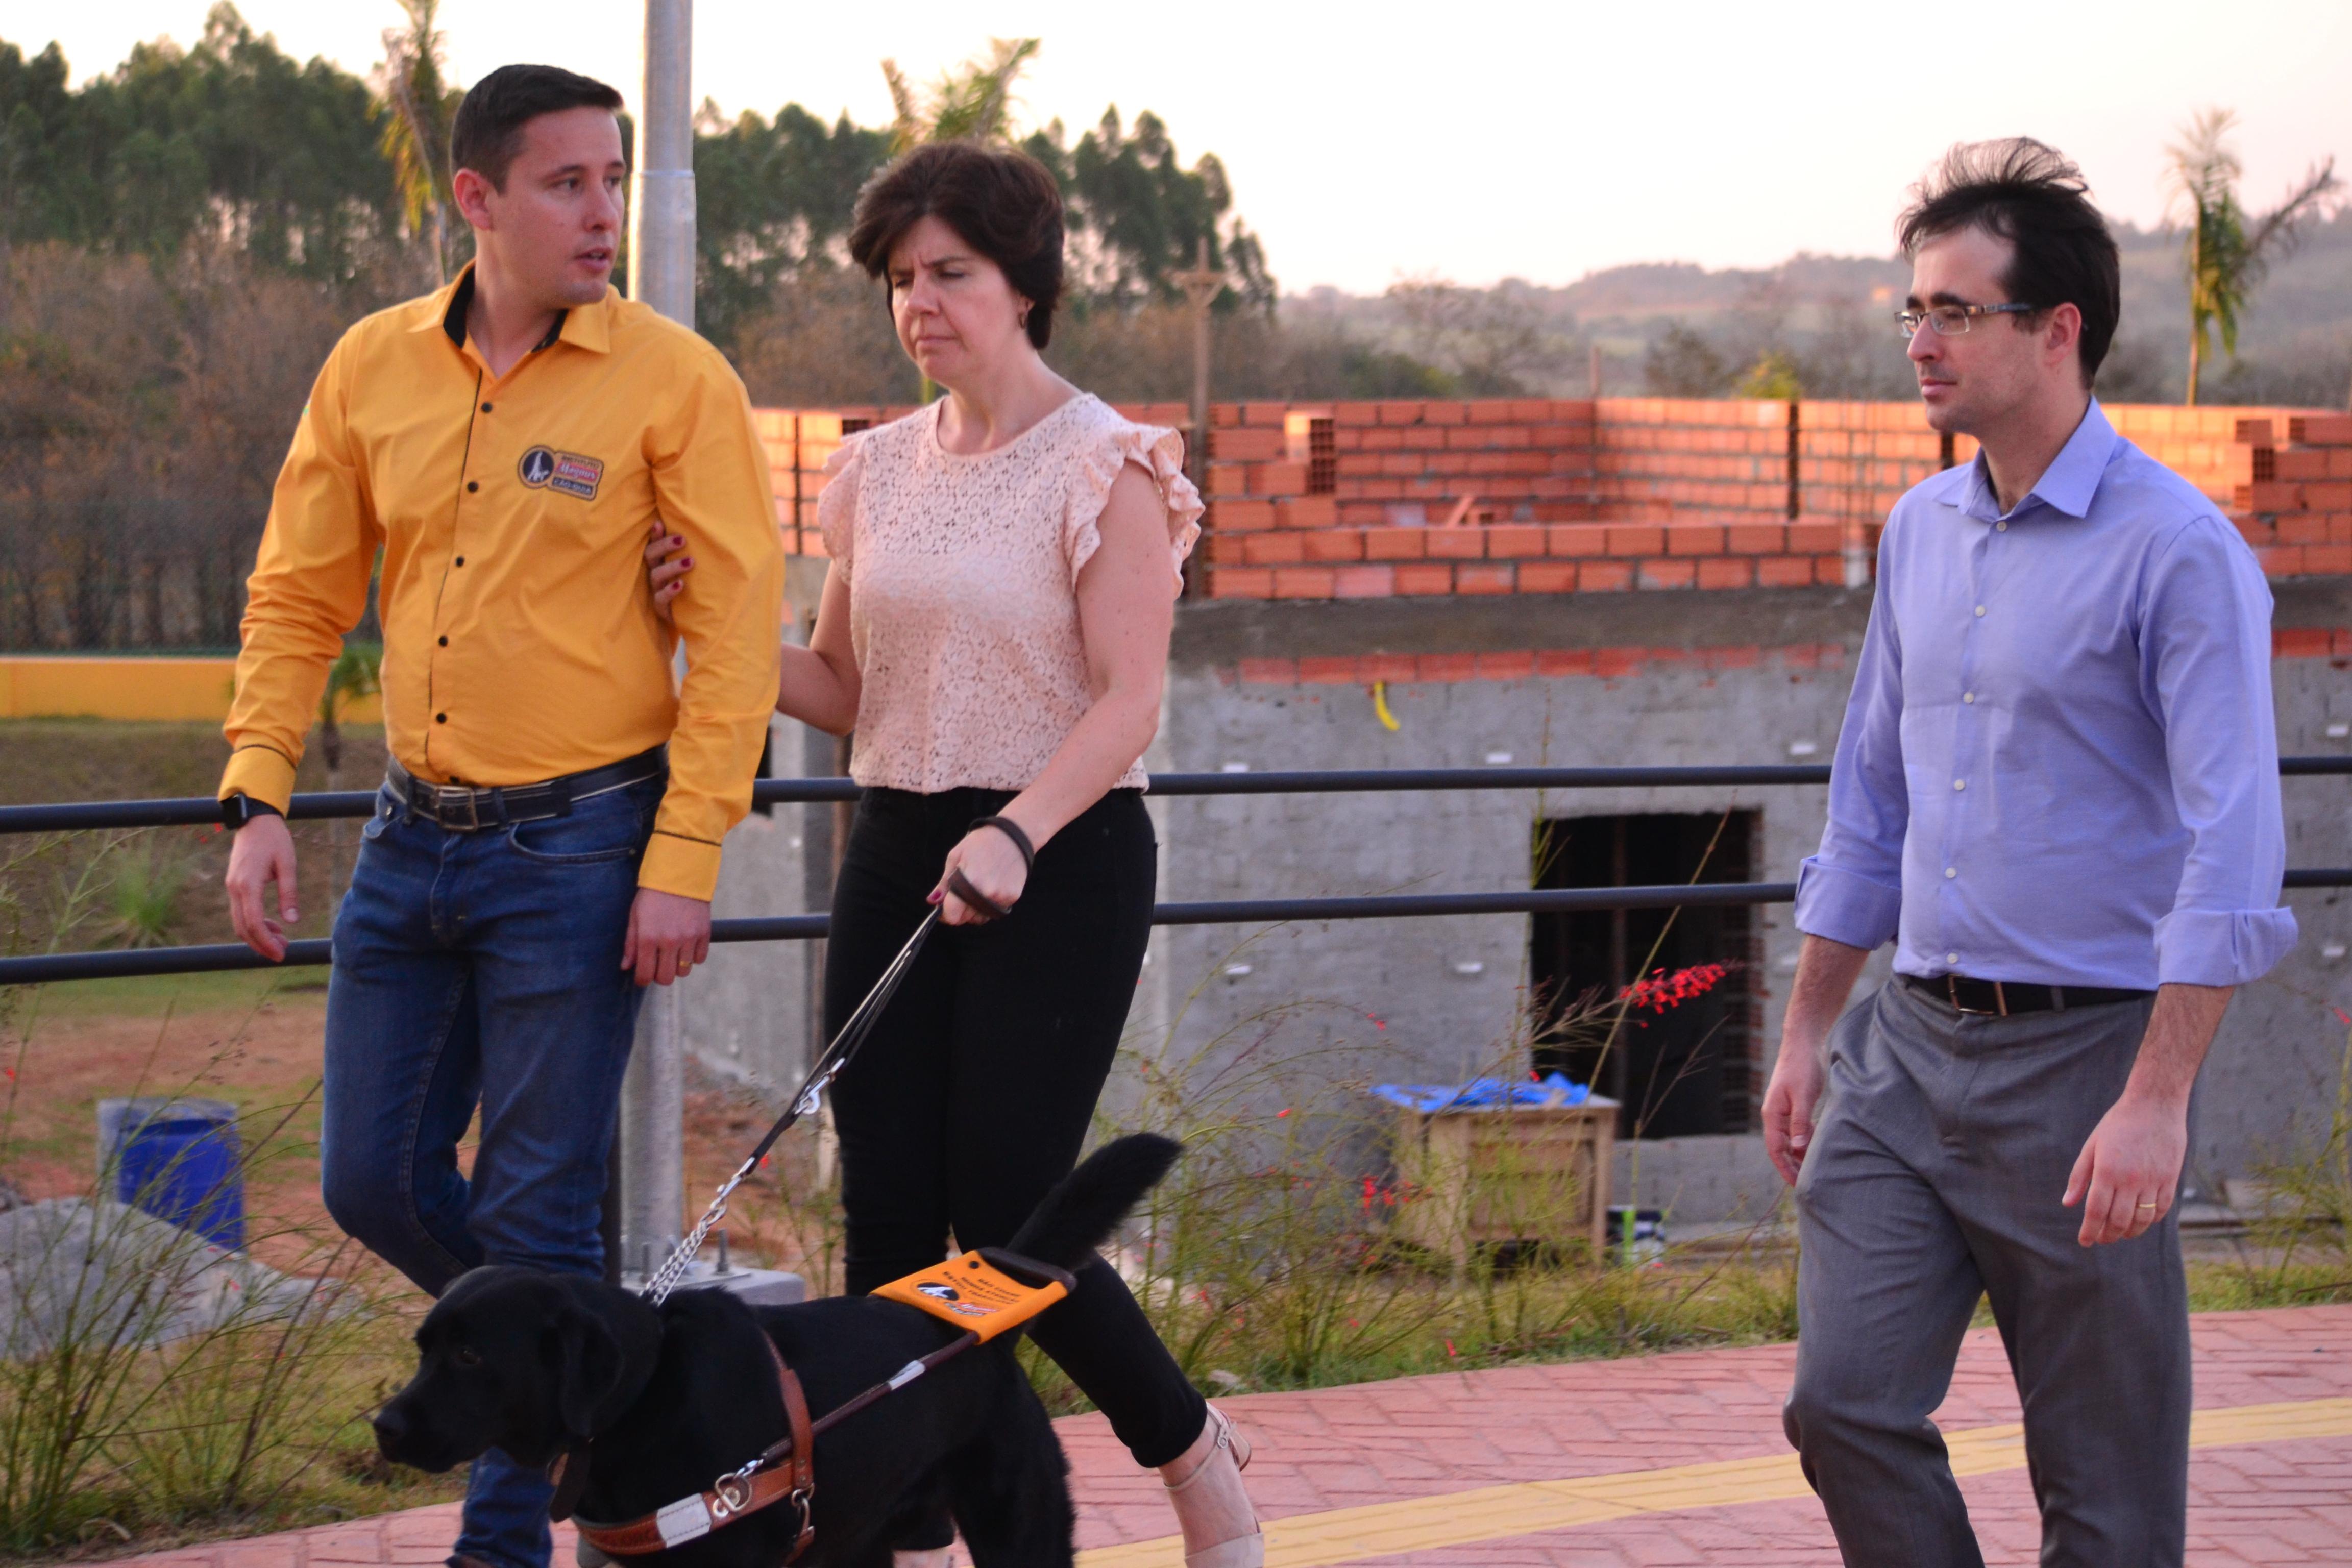 Deputado Estadual Bruno Ganem visitou instituto de formação de cães guias no interior de São Paulo/ Assessoria de Imprensa Bruno Ganem